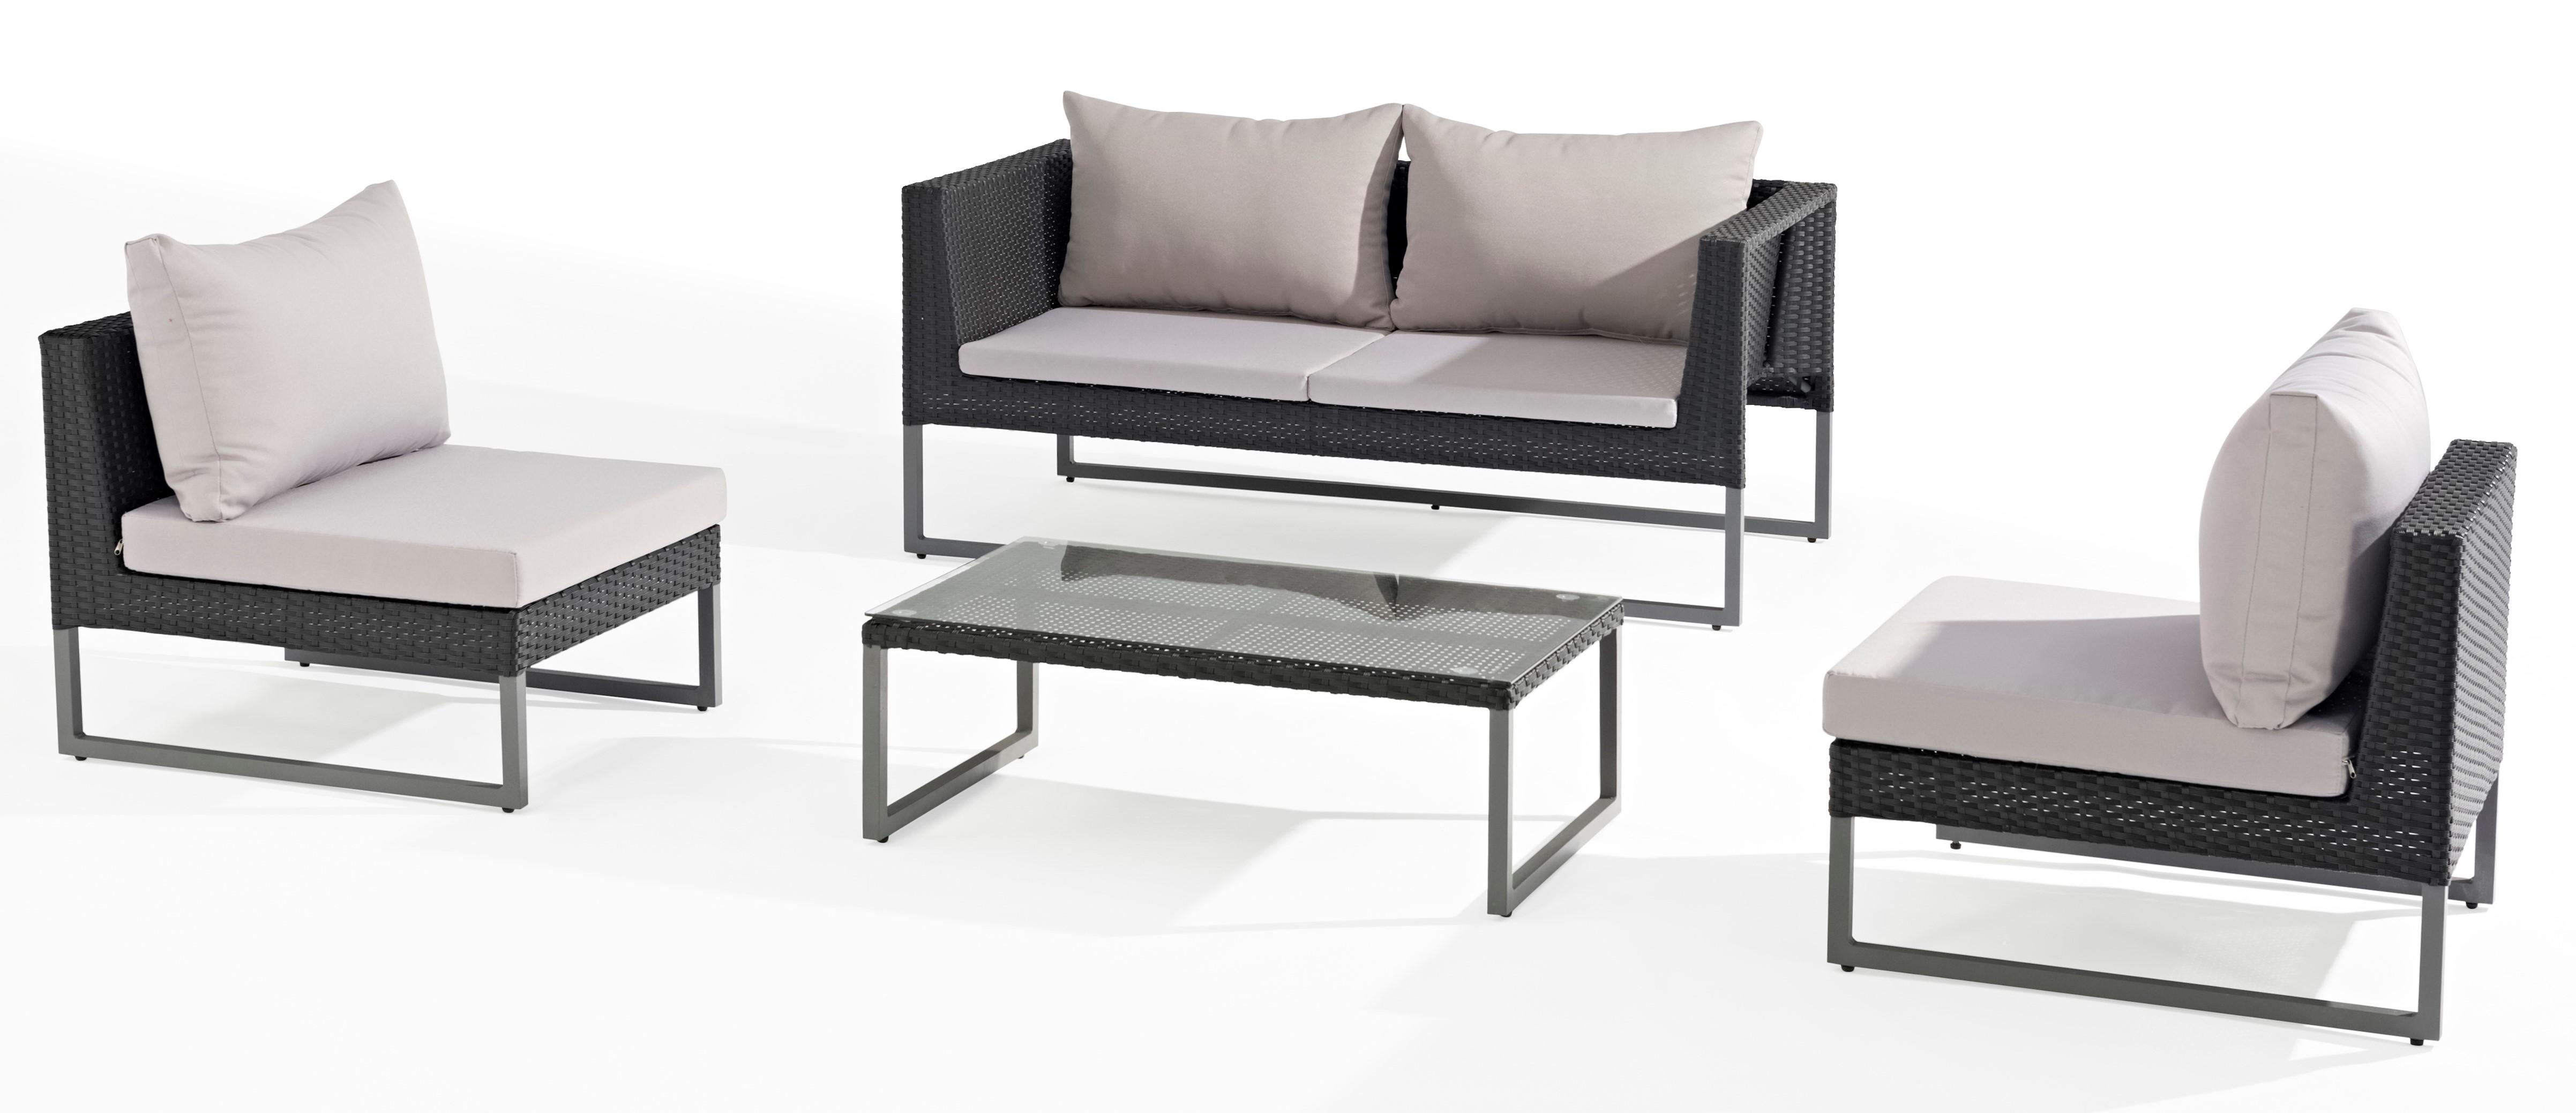 Salon de Jardin CLEVER 4 pièces en aluminium gris anthracite et ...